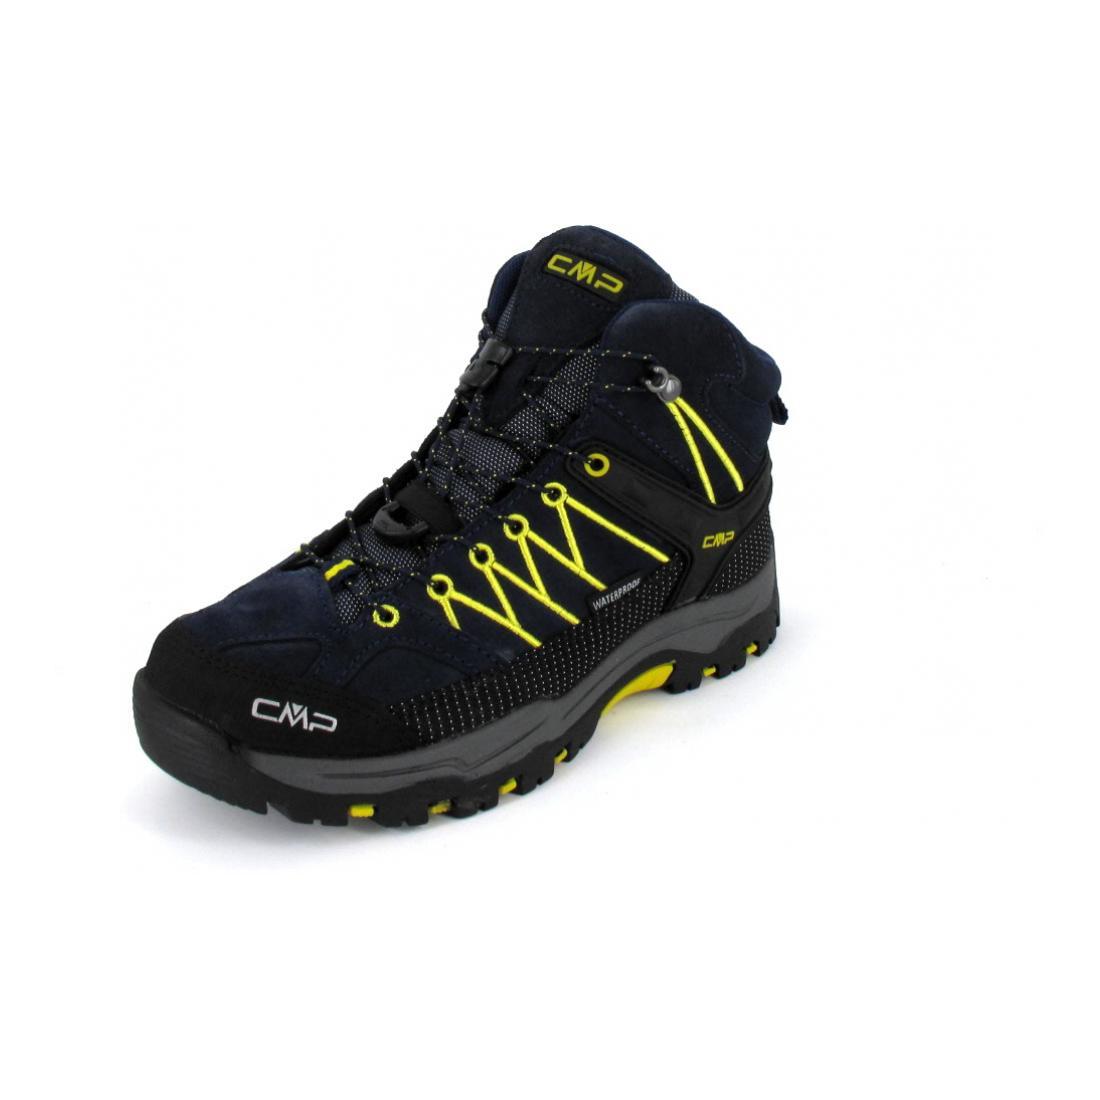 CMP Outdoor Stiefel Kids Rigel Mid Trekking S